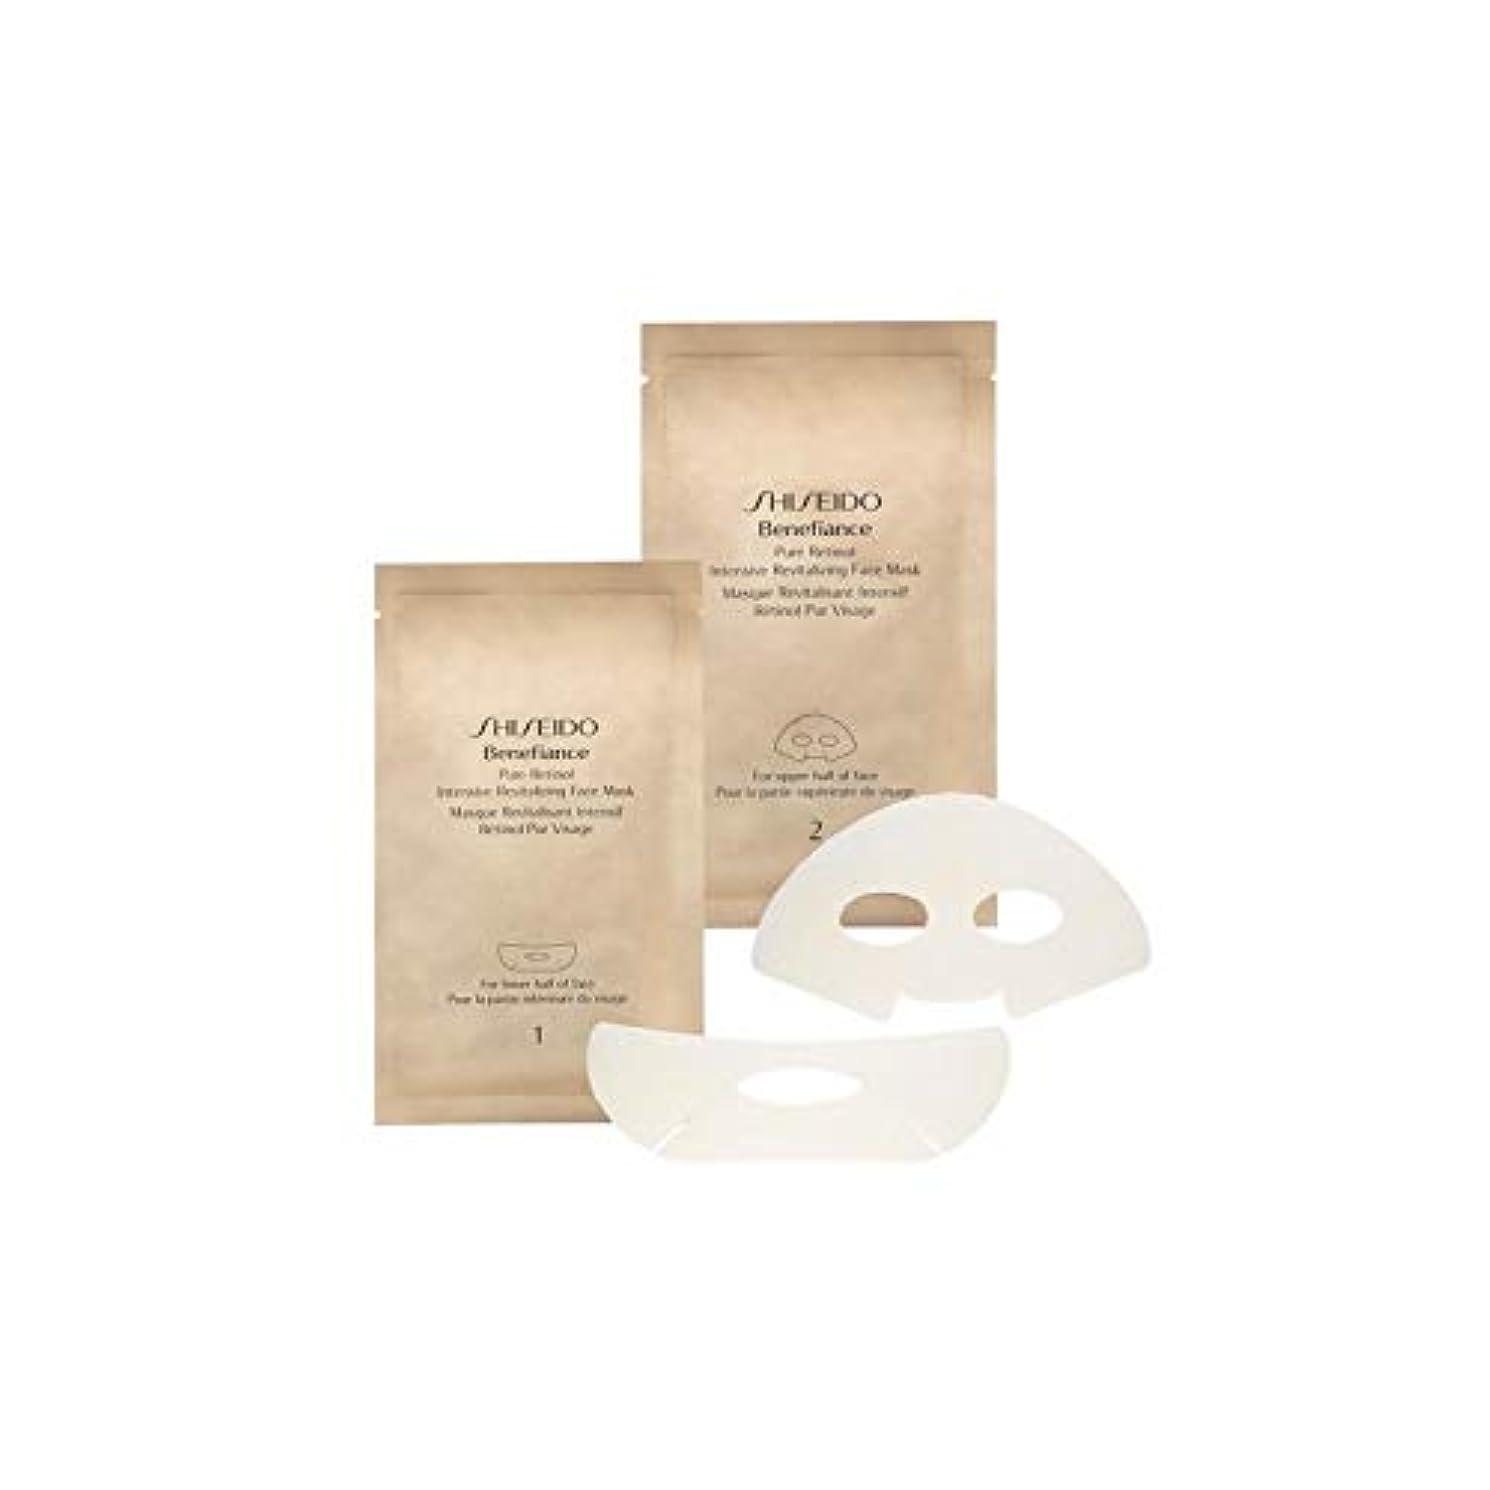 寝具ルアー振り向く[Shiseido] 資生堂ベネフィアンス純粋レチノールインテンシブリバイタライジングフェースマスク×4袋 - Shiseido Benefiance Pure Retinol Intensive Revitalizing Face Mask X 4 Sachets [並行輸入品]